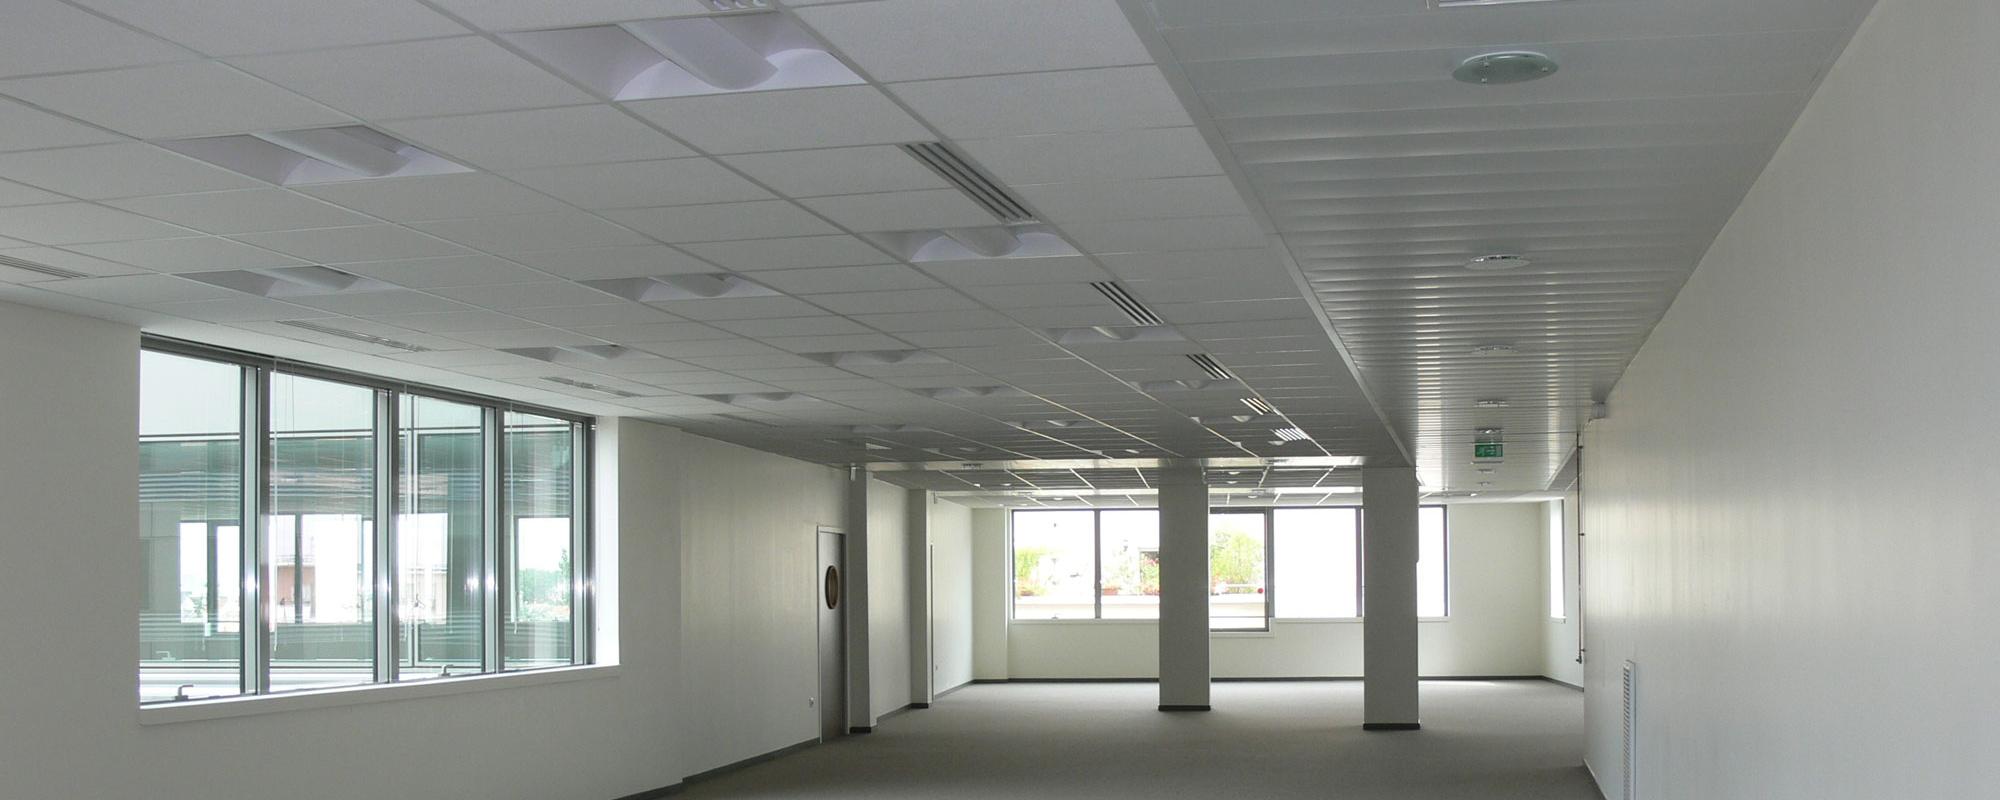 Faux Plafond Suspendu En Dalles Isolantes optez pour un faux-plafond démontable pour votre maison - la